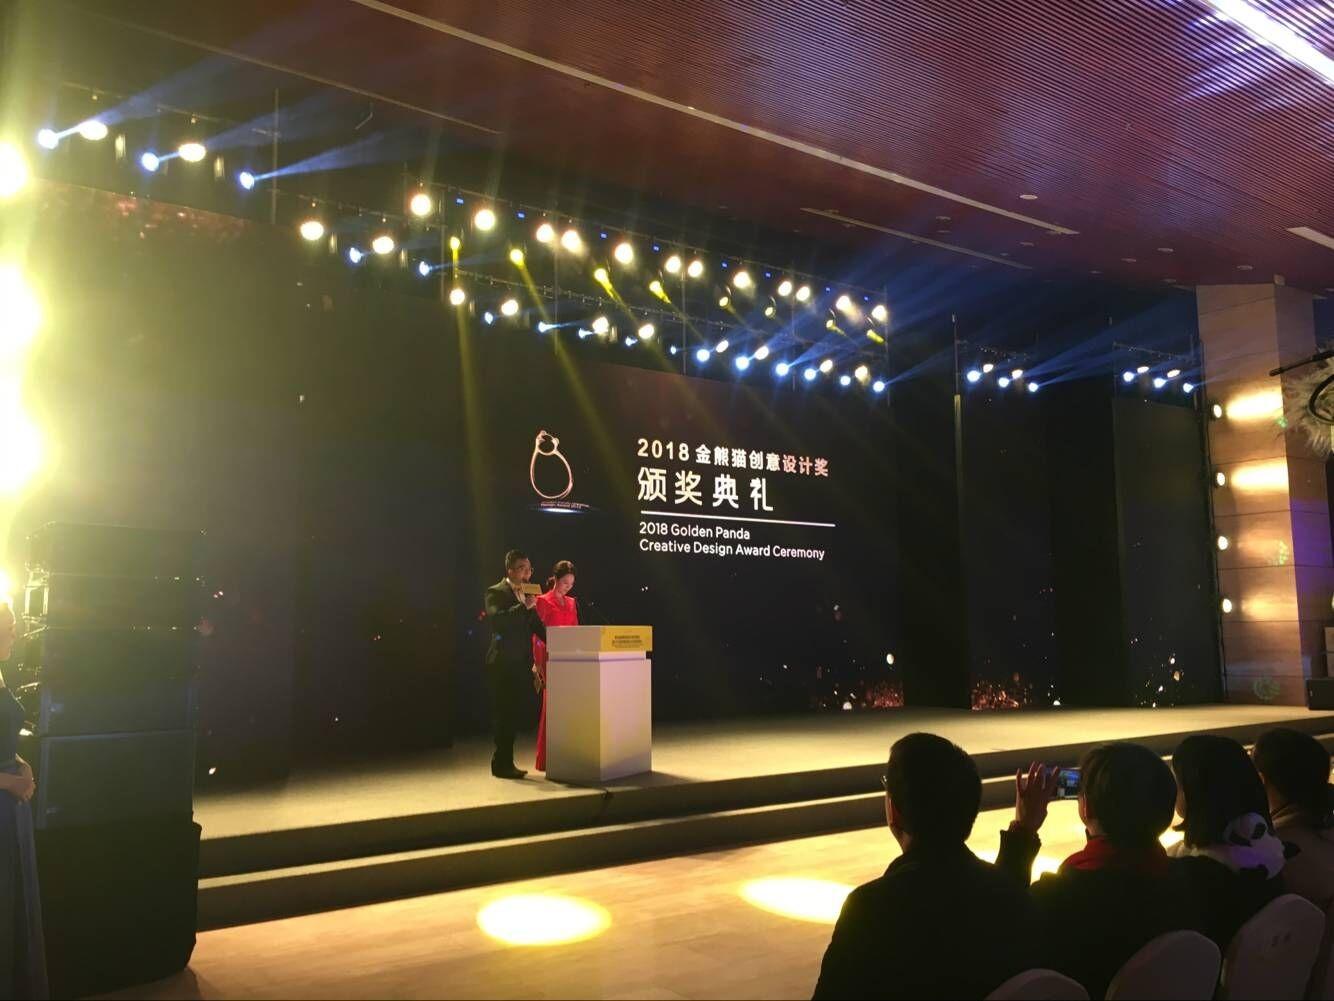 刚刚!2018金熊猫创意设计奖名单出炉啦